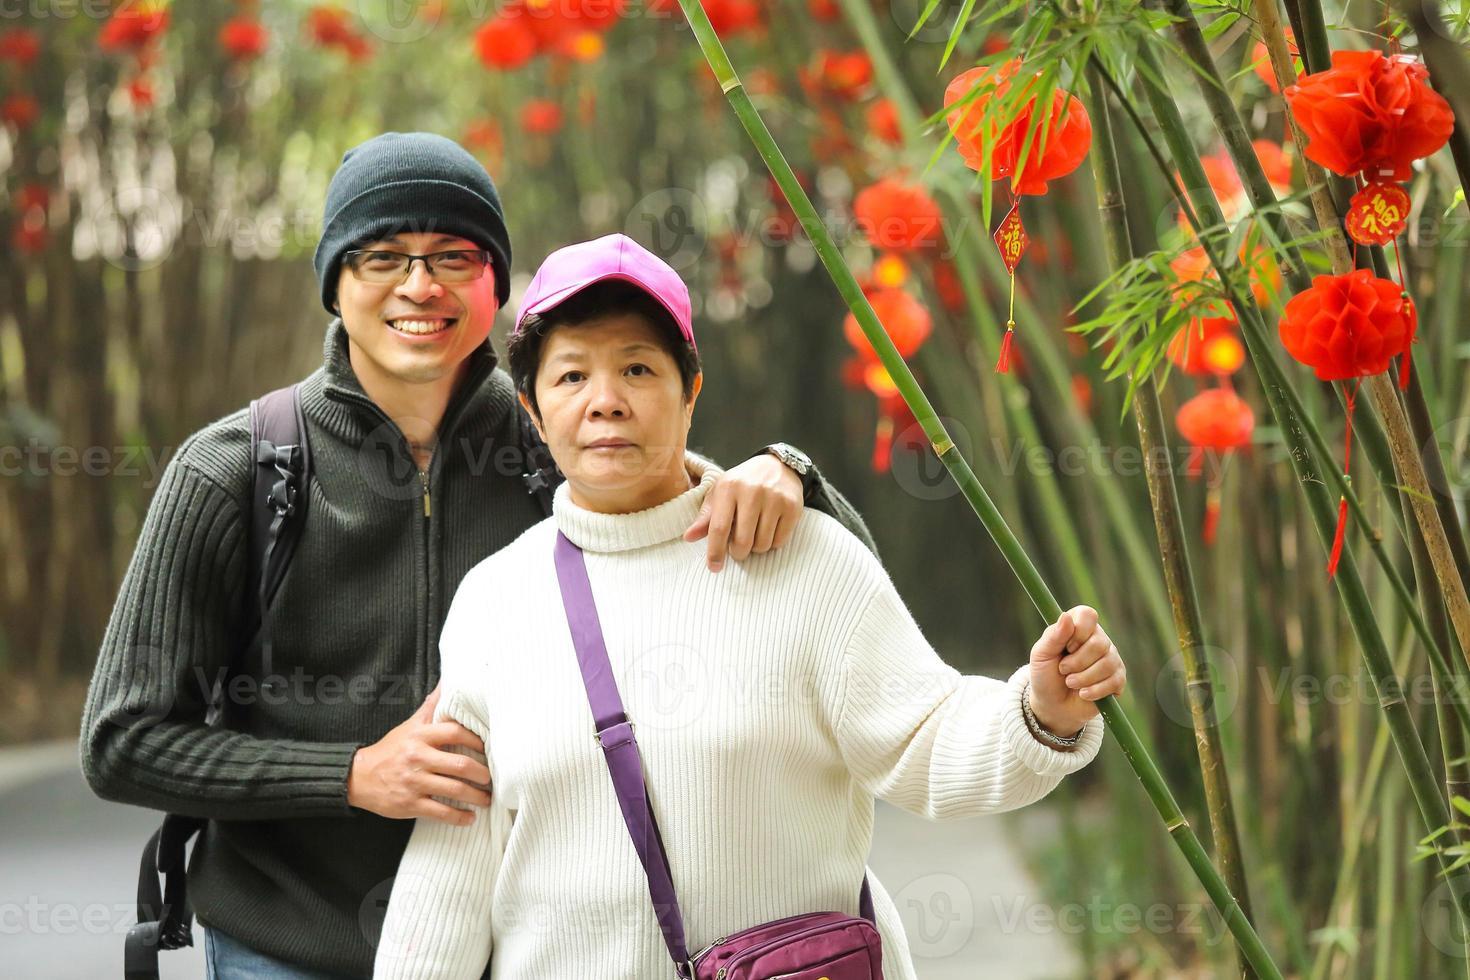 felicidad familia asiática foto